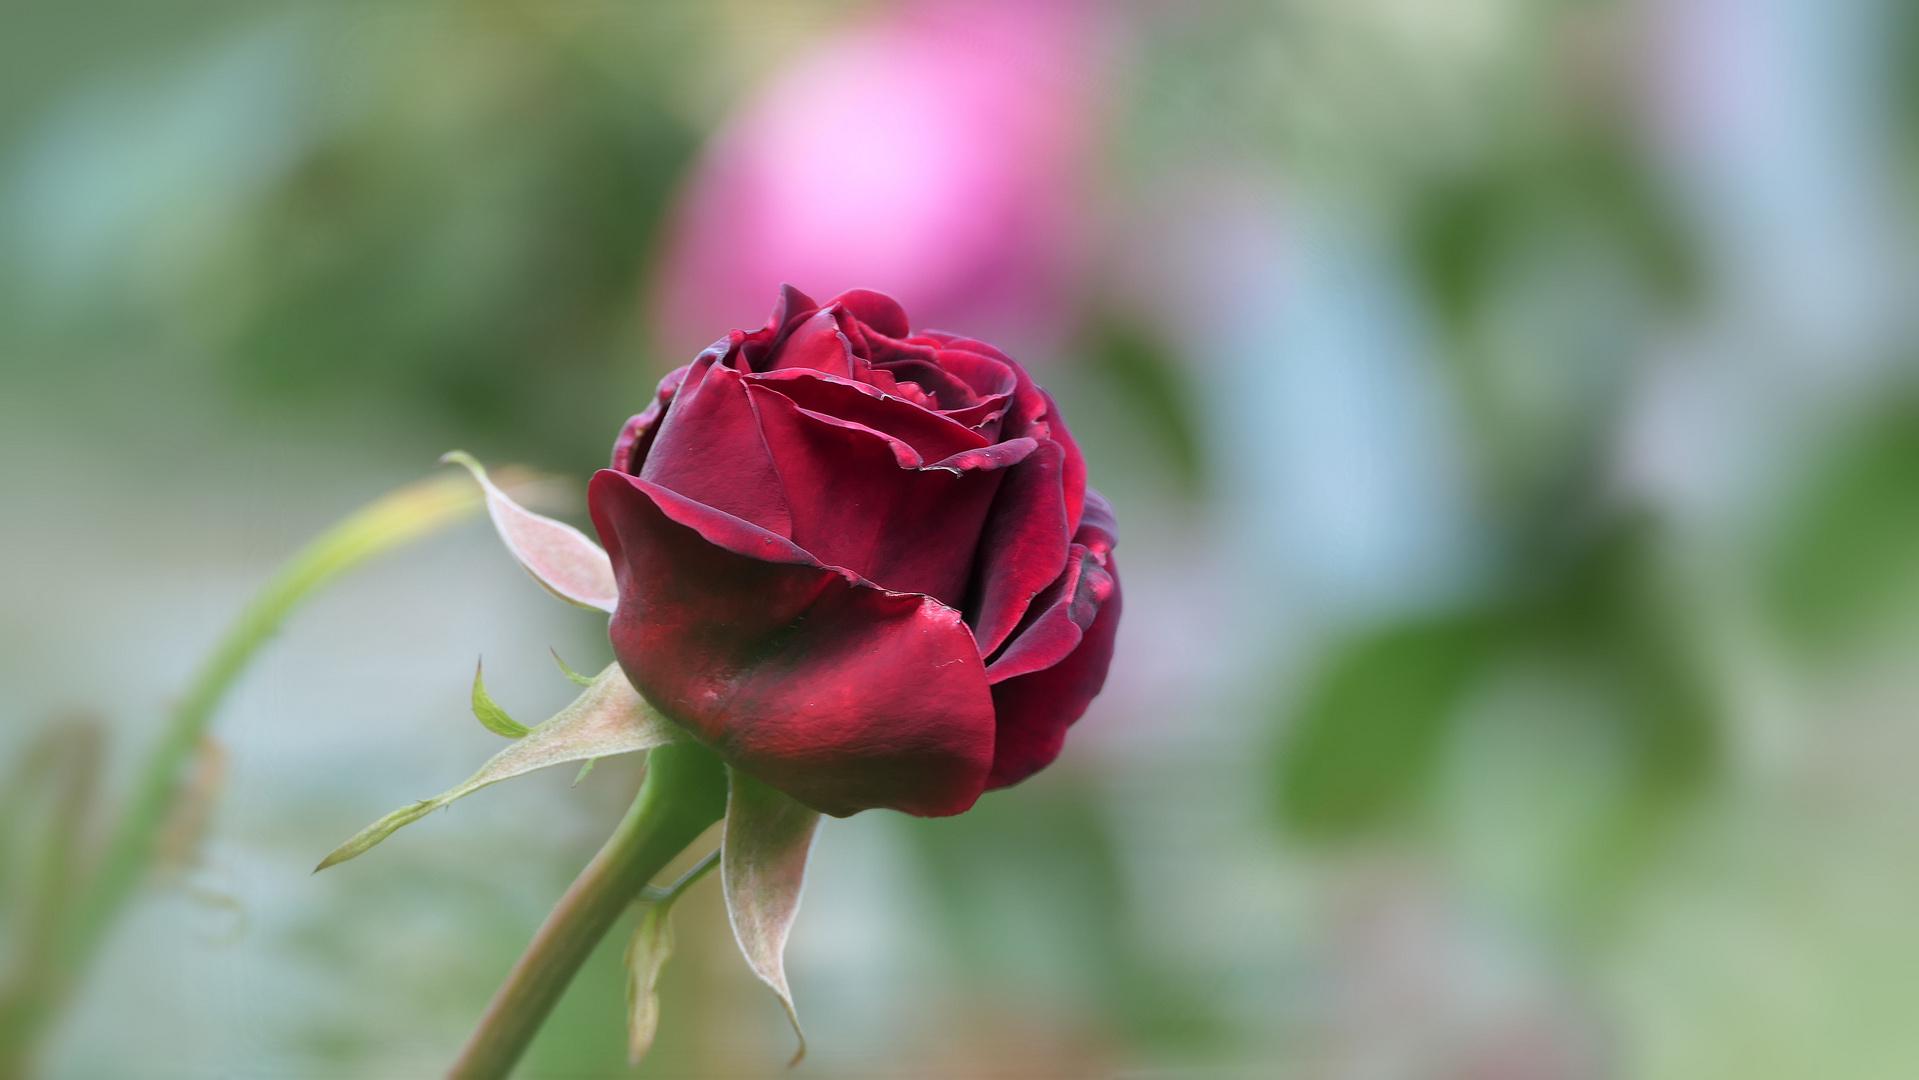 ... velvet rose